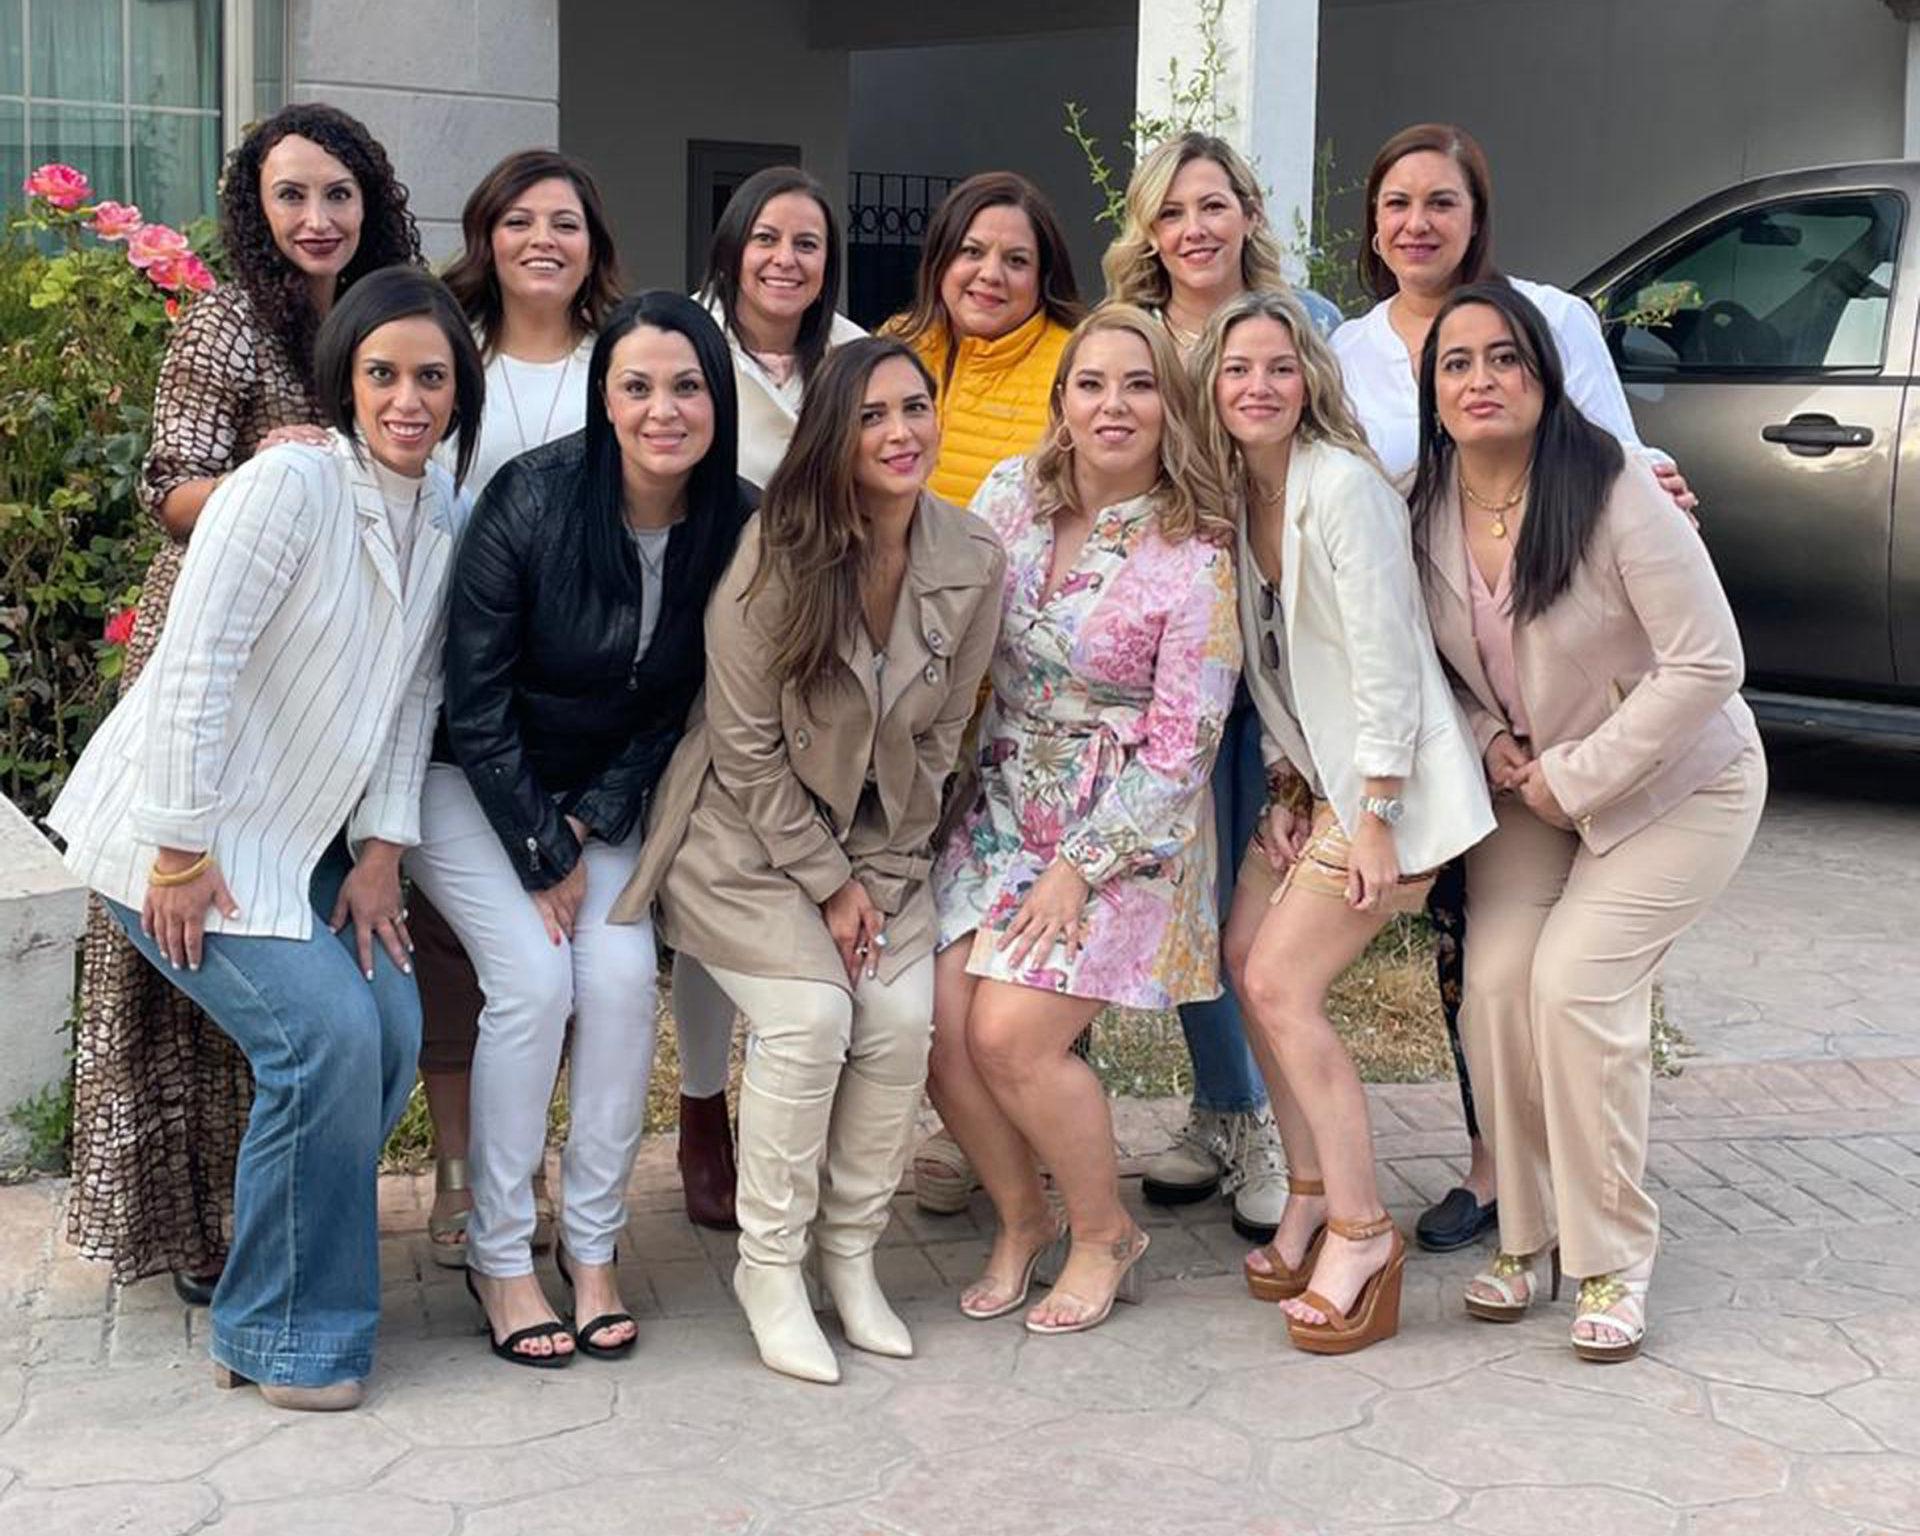 Yadira González, Ale Aguado, Elvia Cardona, Laura Santos, María José González, Cristy González, Olga Aguilera, Dominica García, Lucy González, Alethea Medina, Edna Cárdenas y Ana Cristina Fernández.